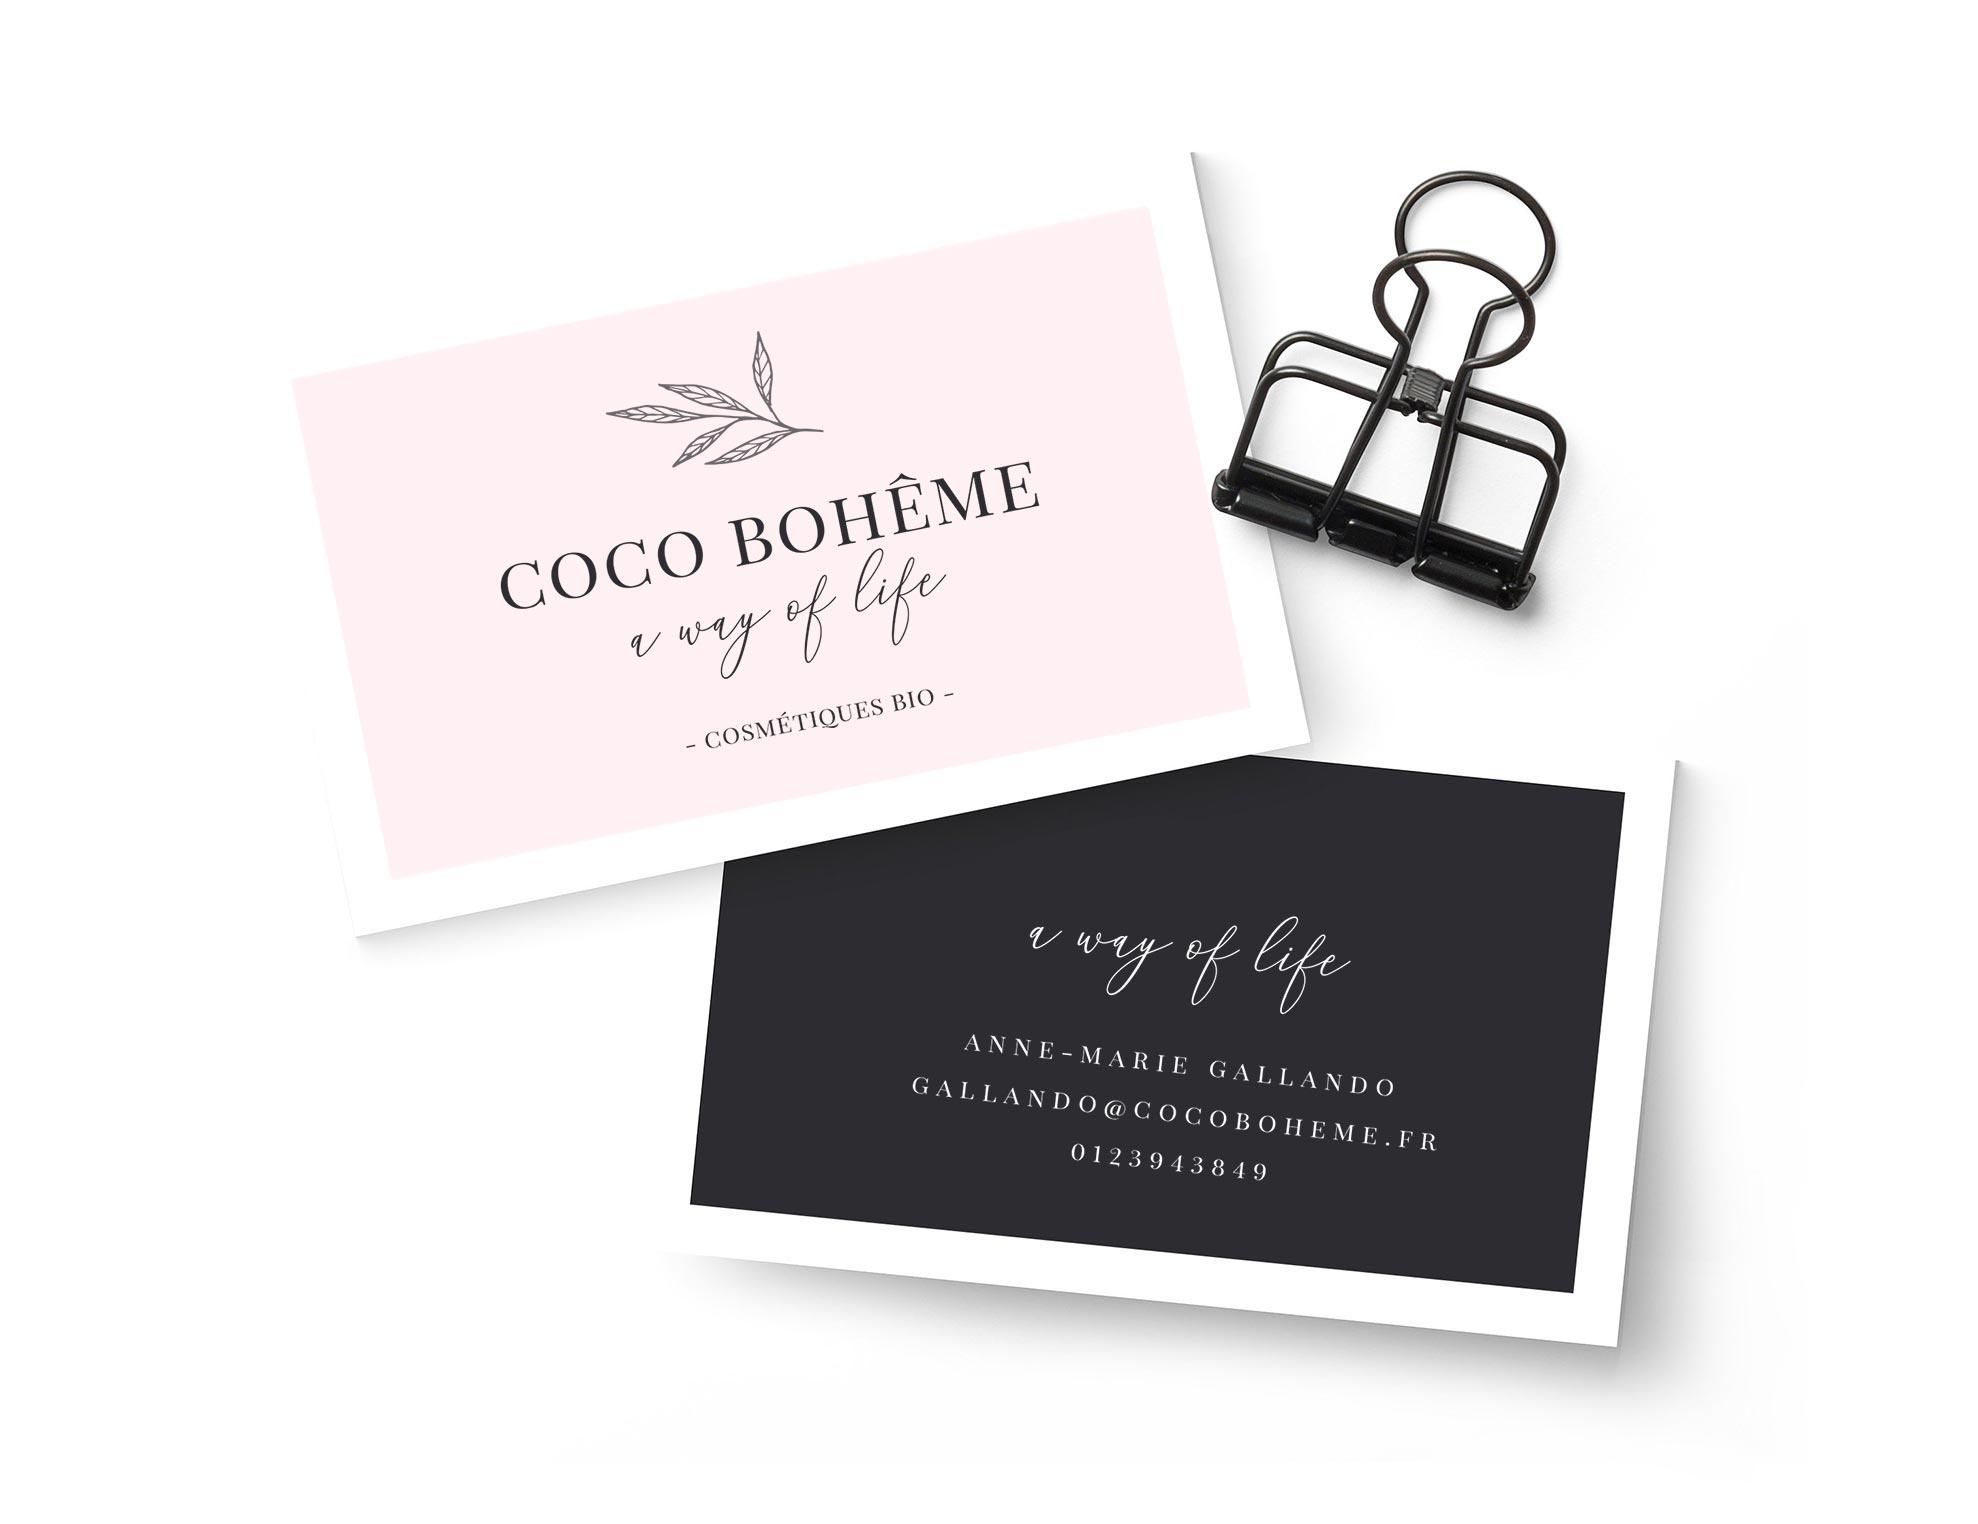 création carte commerciale Coco Bohême